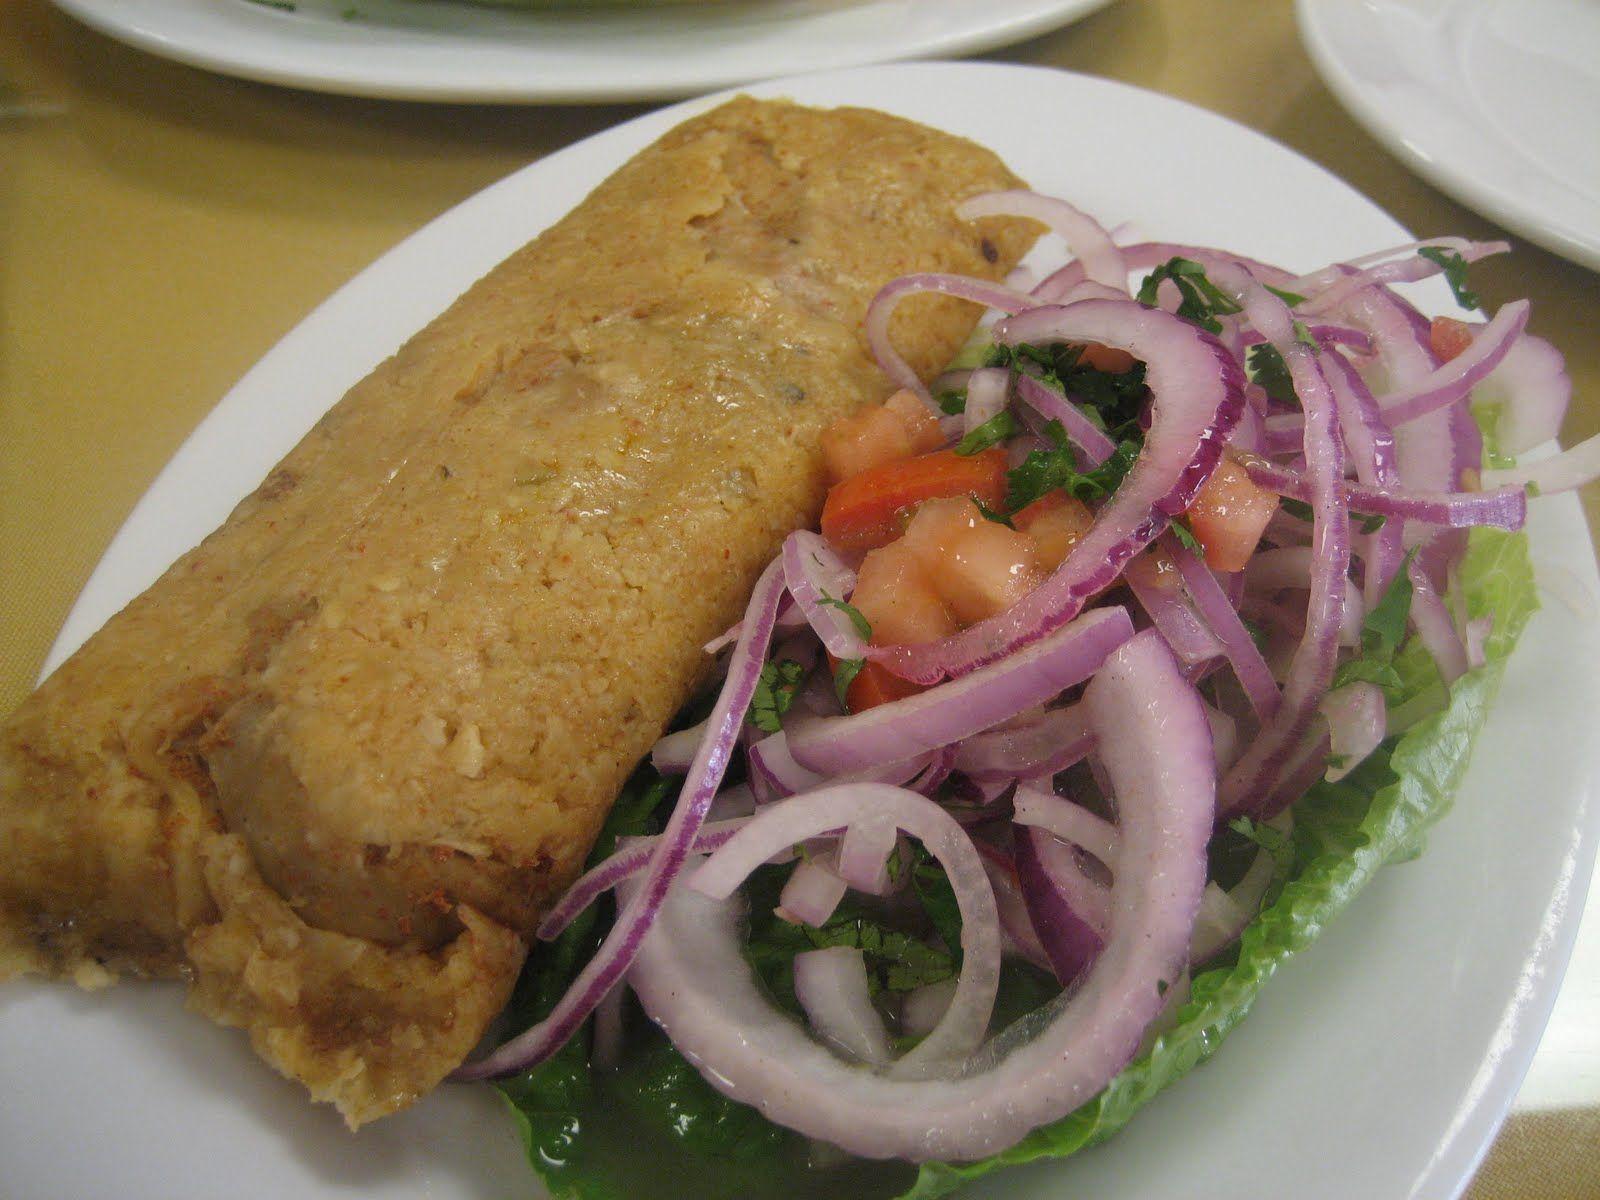 Tamal Peruano Con Pan Y Una Porcion De Chicharron Por